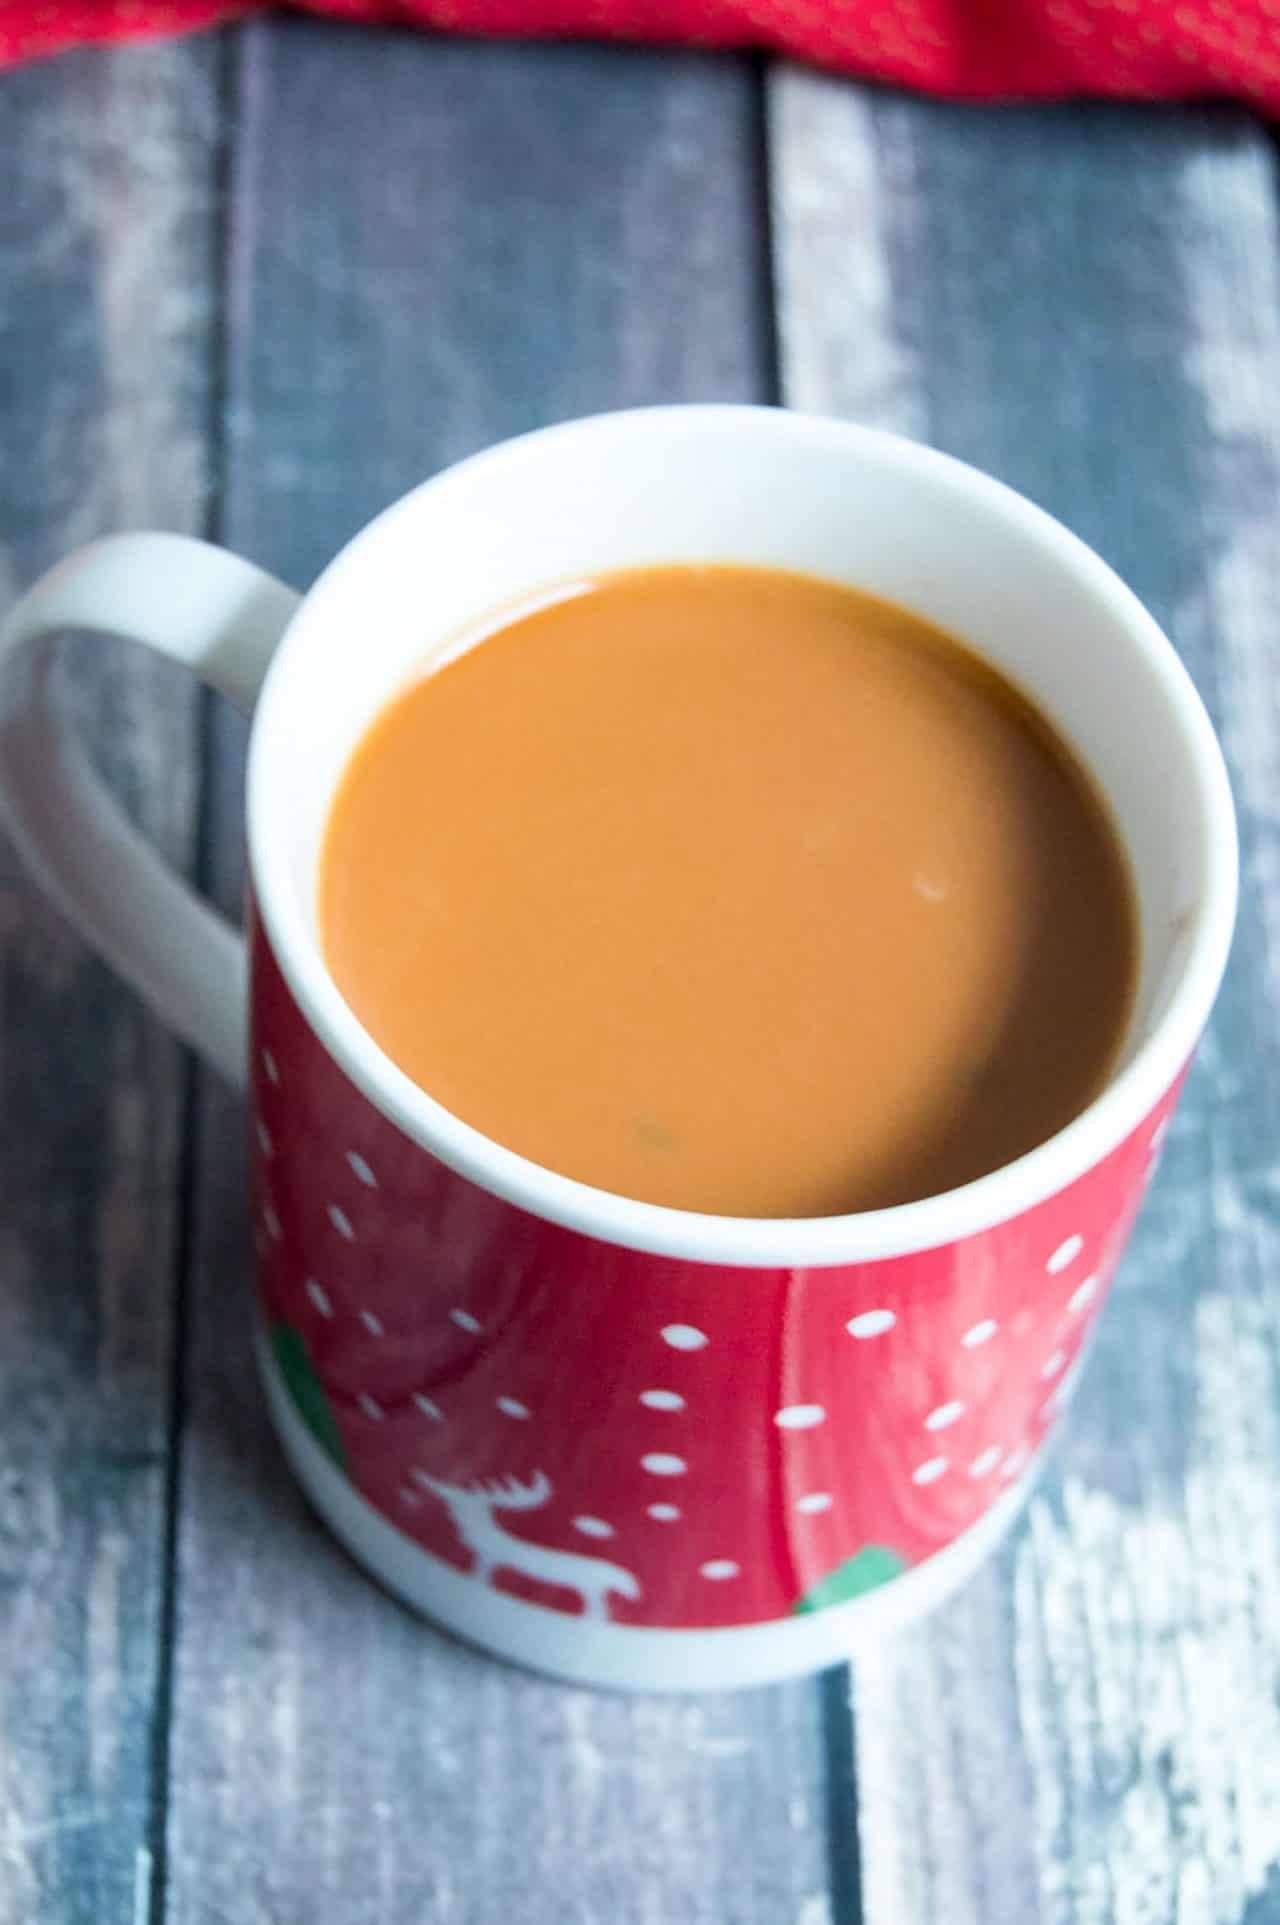 butterscotch-hot-chocolate-in-a-mug